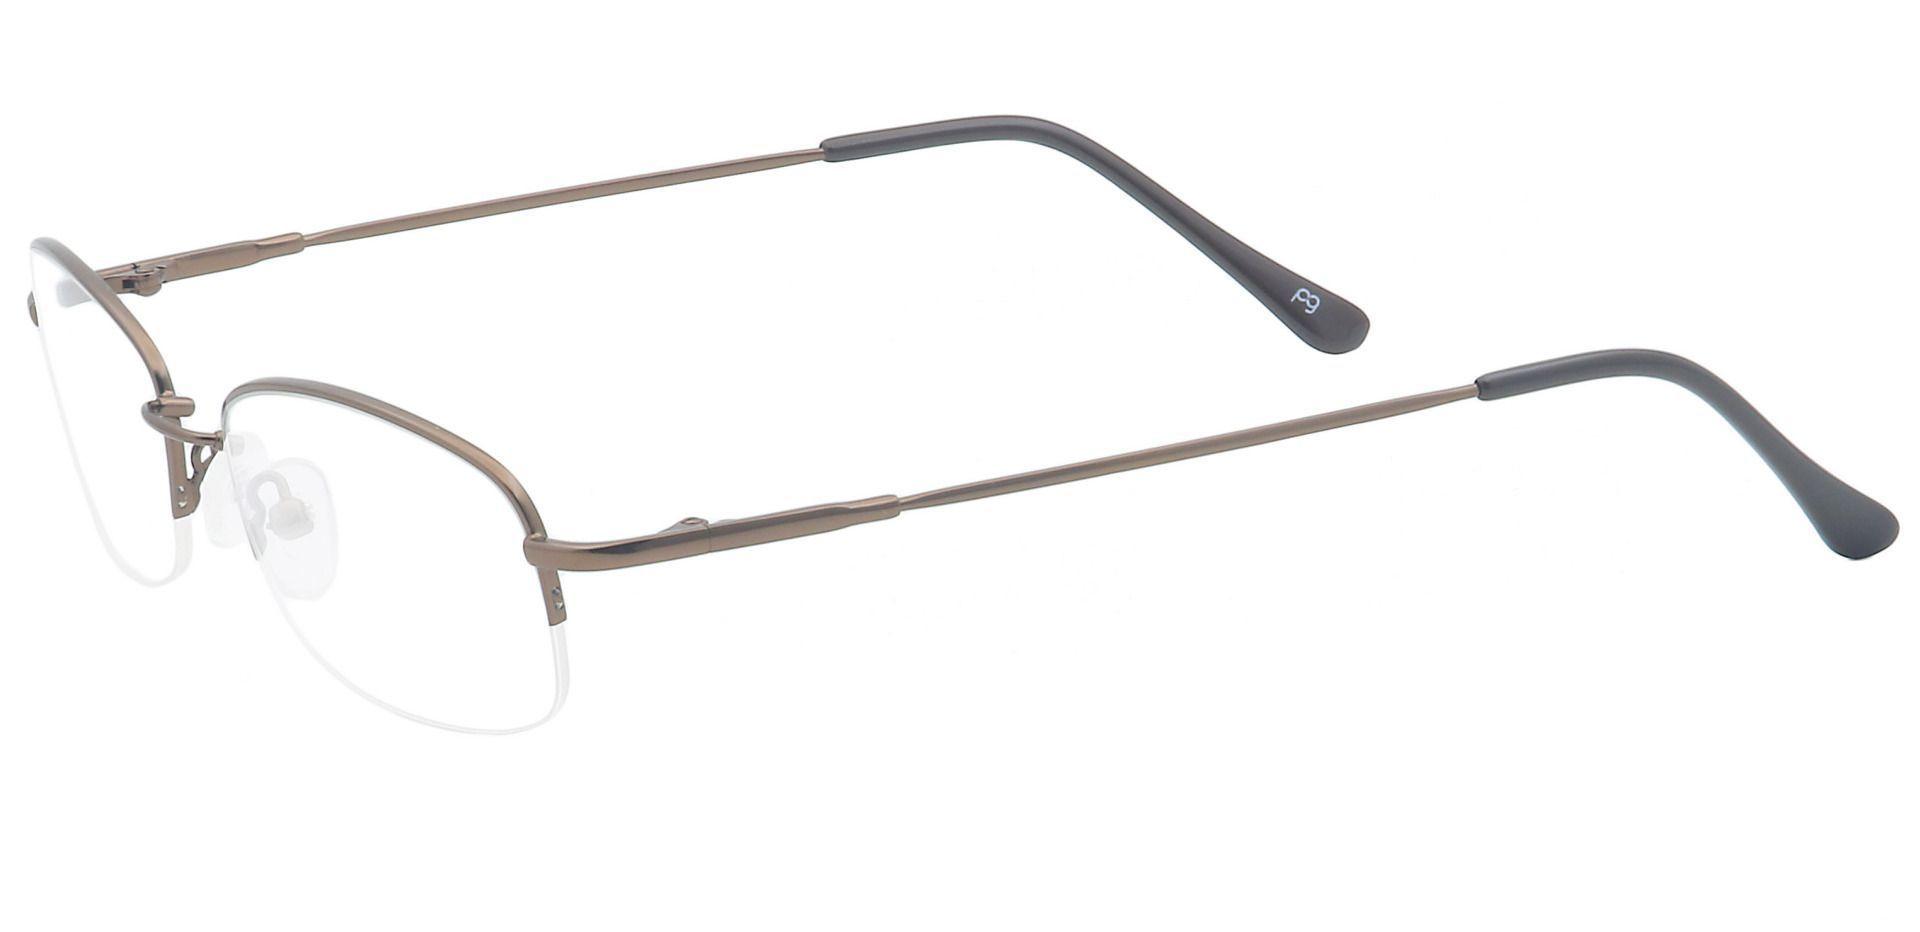 Juniper Oval Non-Rx Glasses - Brown